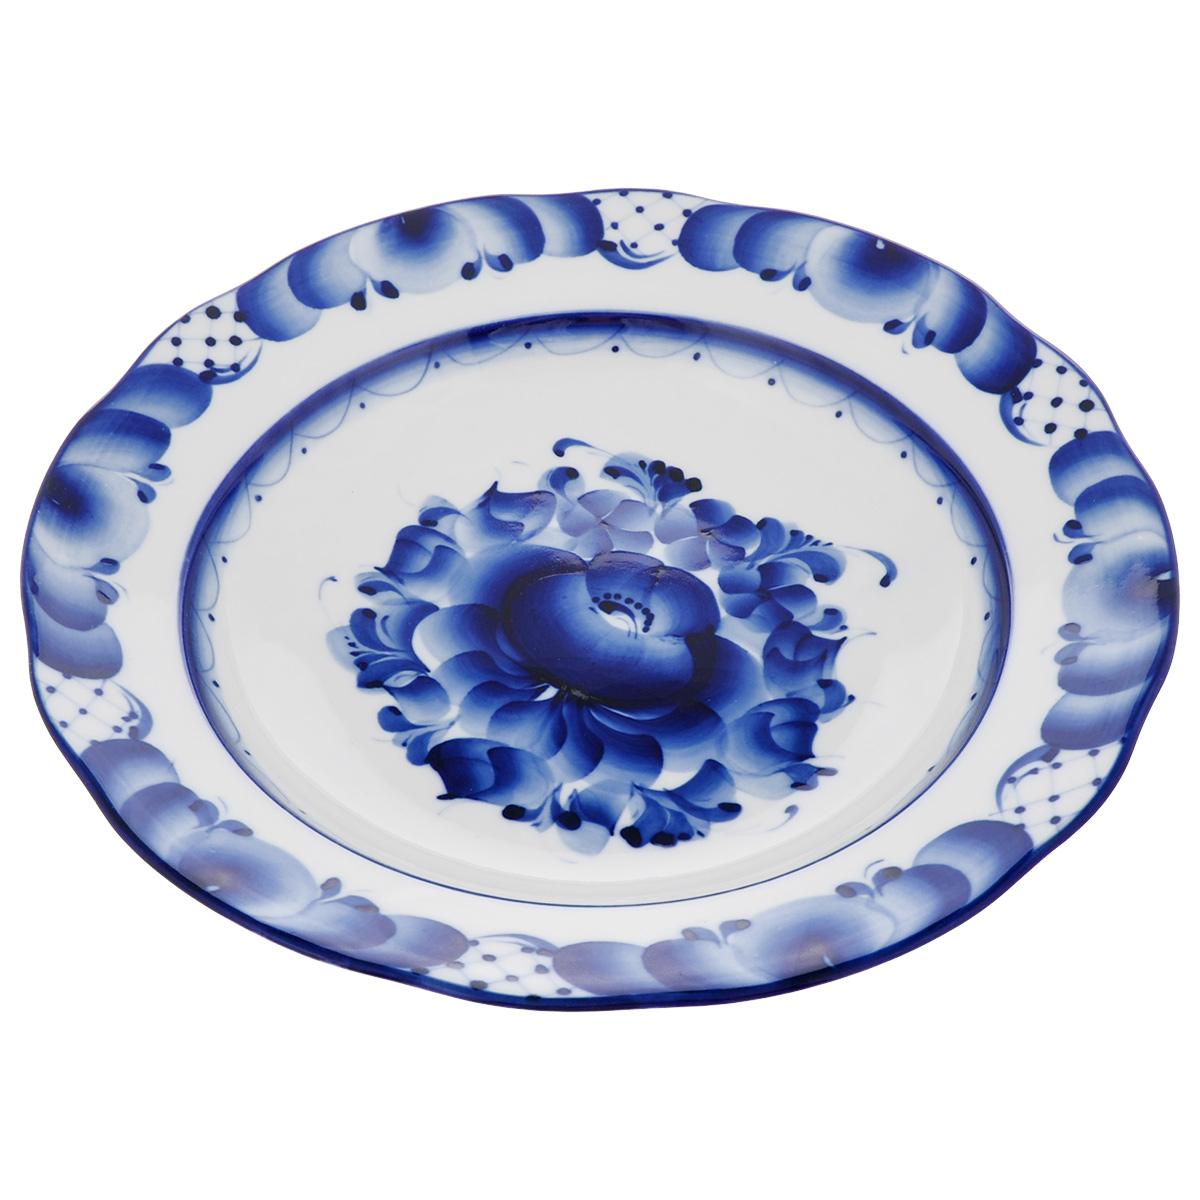 Тарелка суповая Дубок, цвет: синий, белый, диаметр 24 см993026431Тарелка суповая Дубок, изготовленная из высококачественного фарфора, предназначена для красивой сервировки стола. Тарелка оформлена оригинальной гжельской росписью. Диаметр: 24 см. Высота тарелки: 4,5 см.